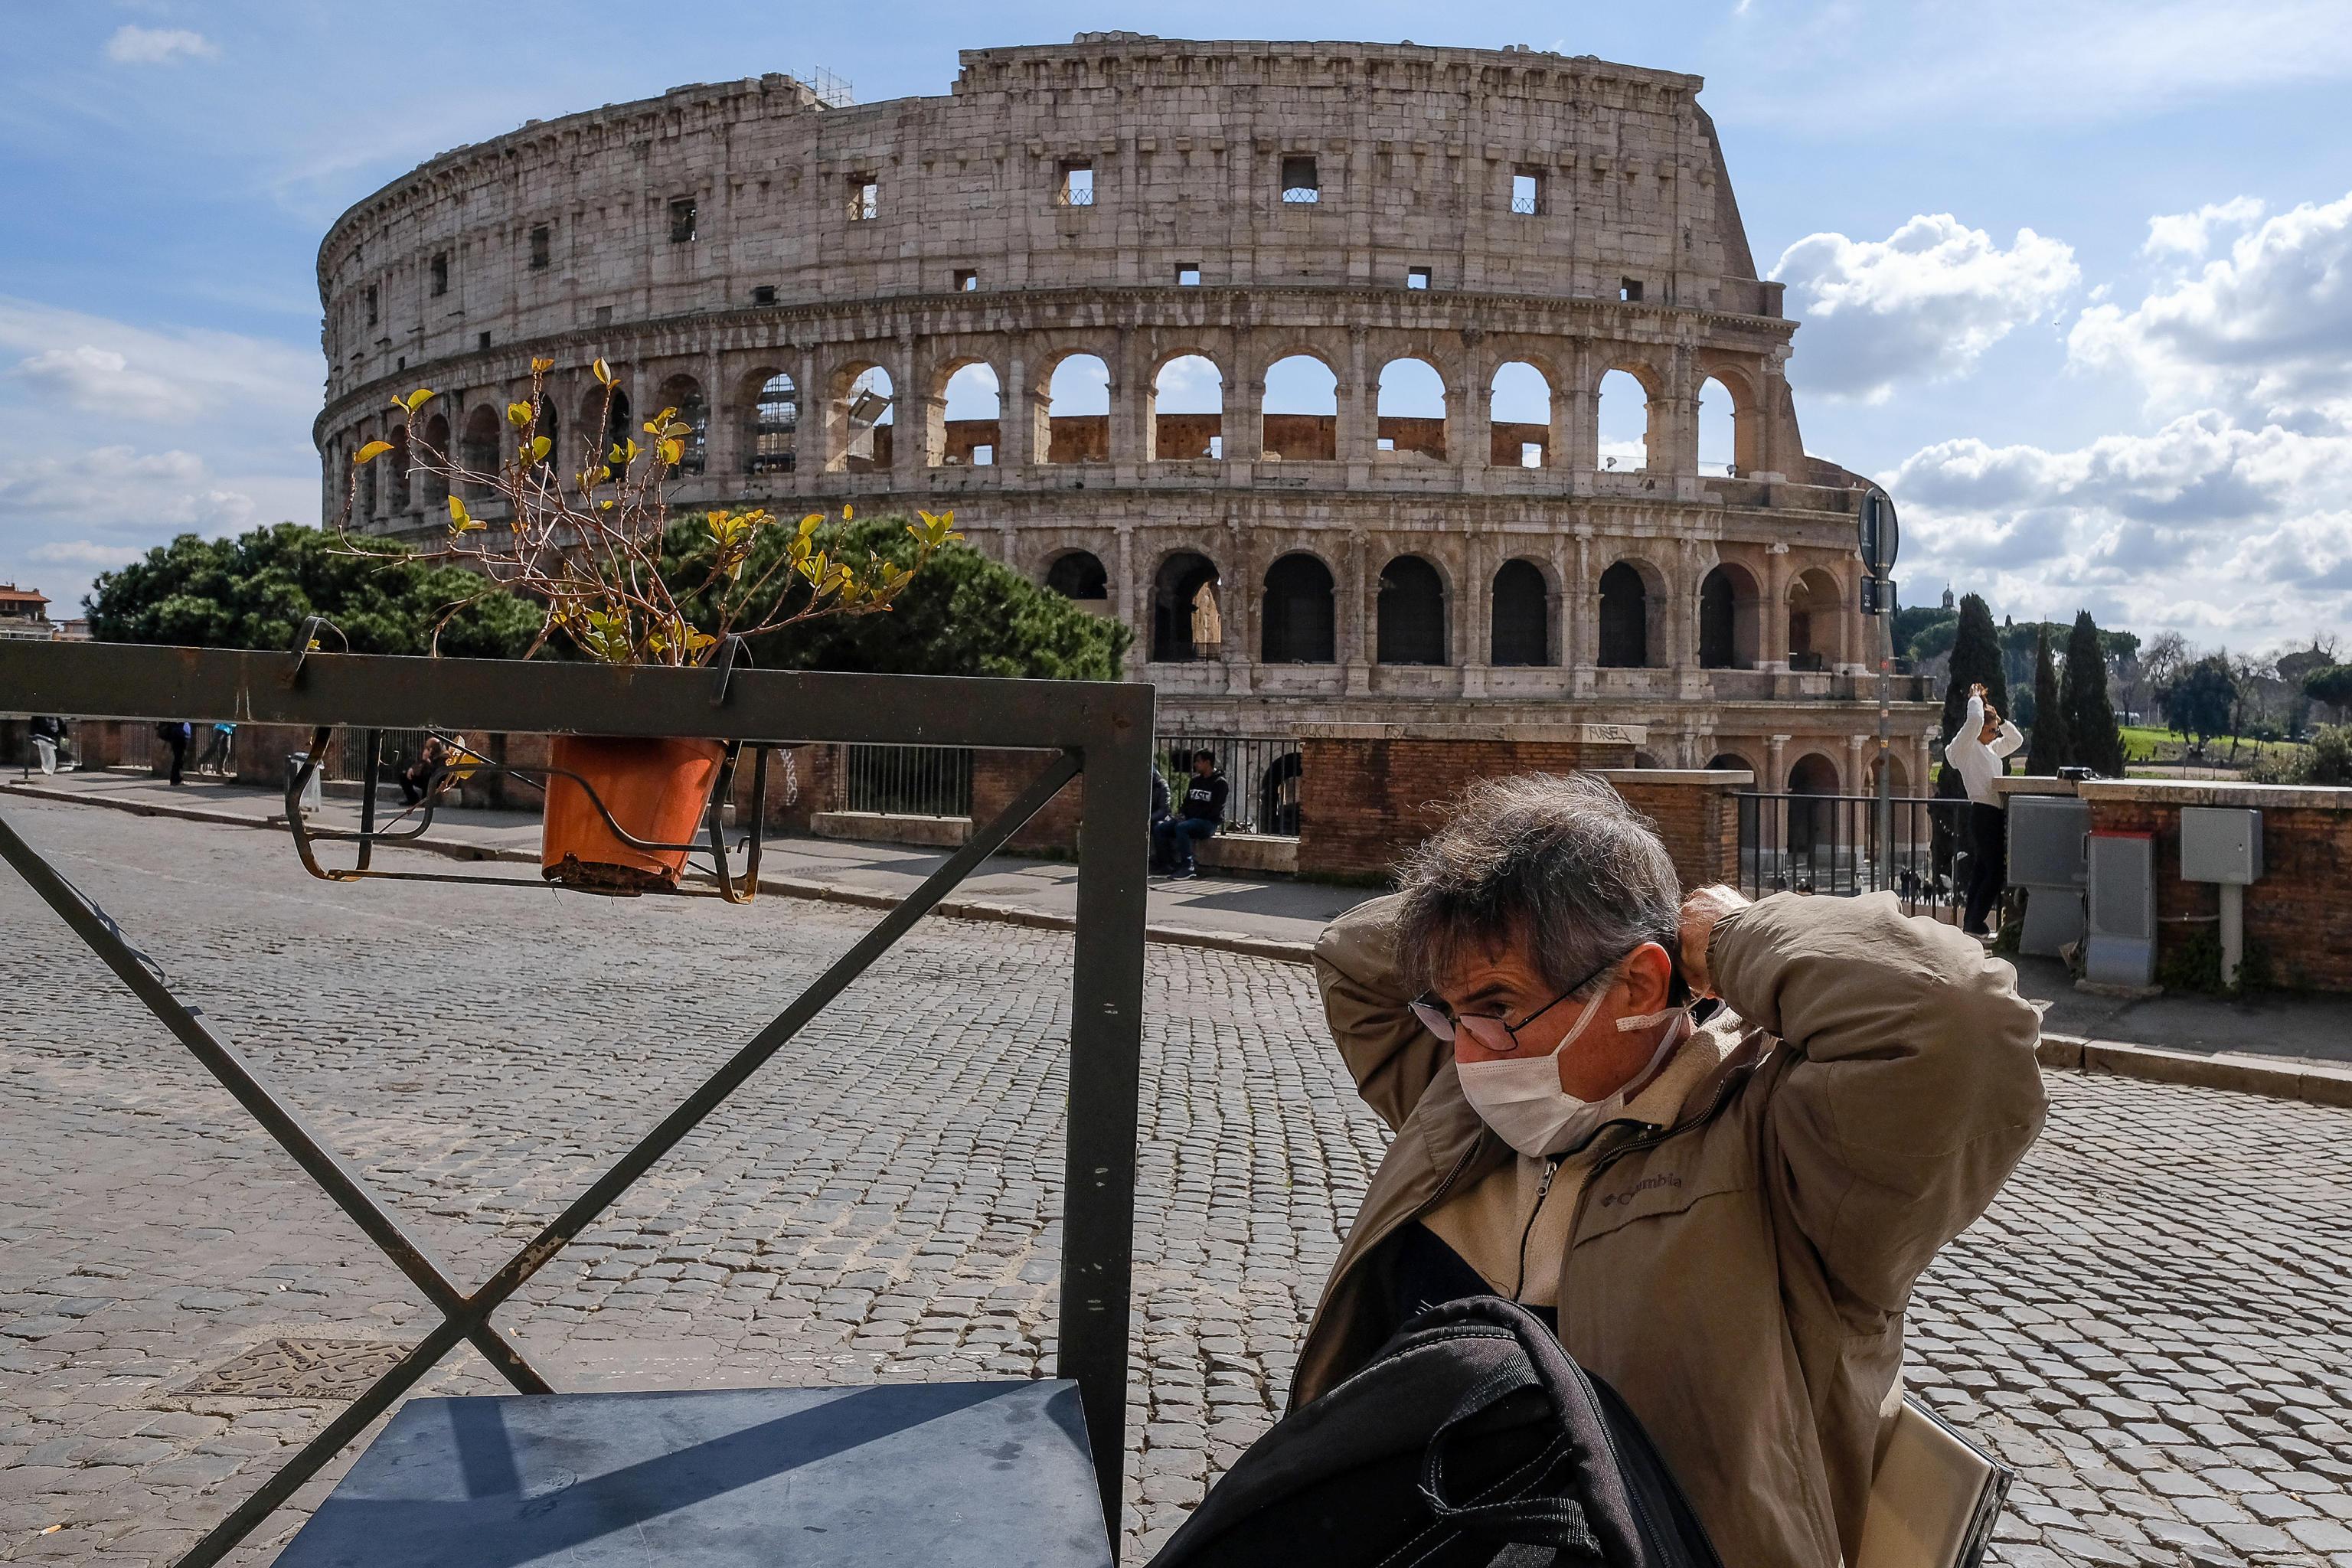 Italia đóng cửa tất cả các bảo tàng khi có hơn 6.000 ca nhiễm Covid-19